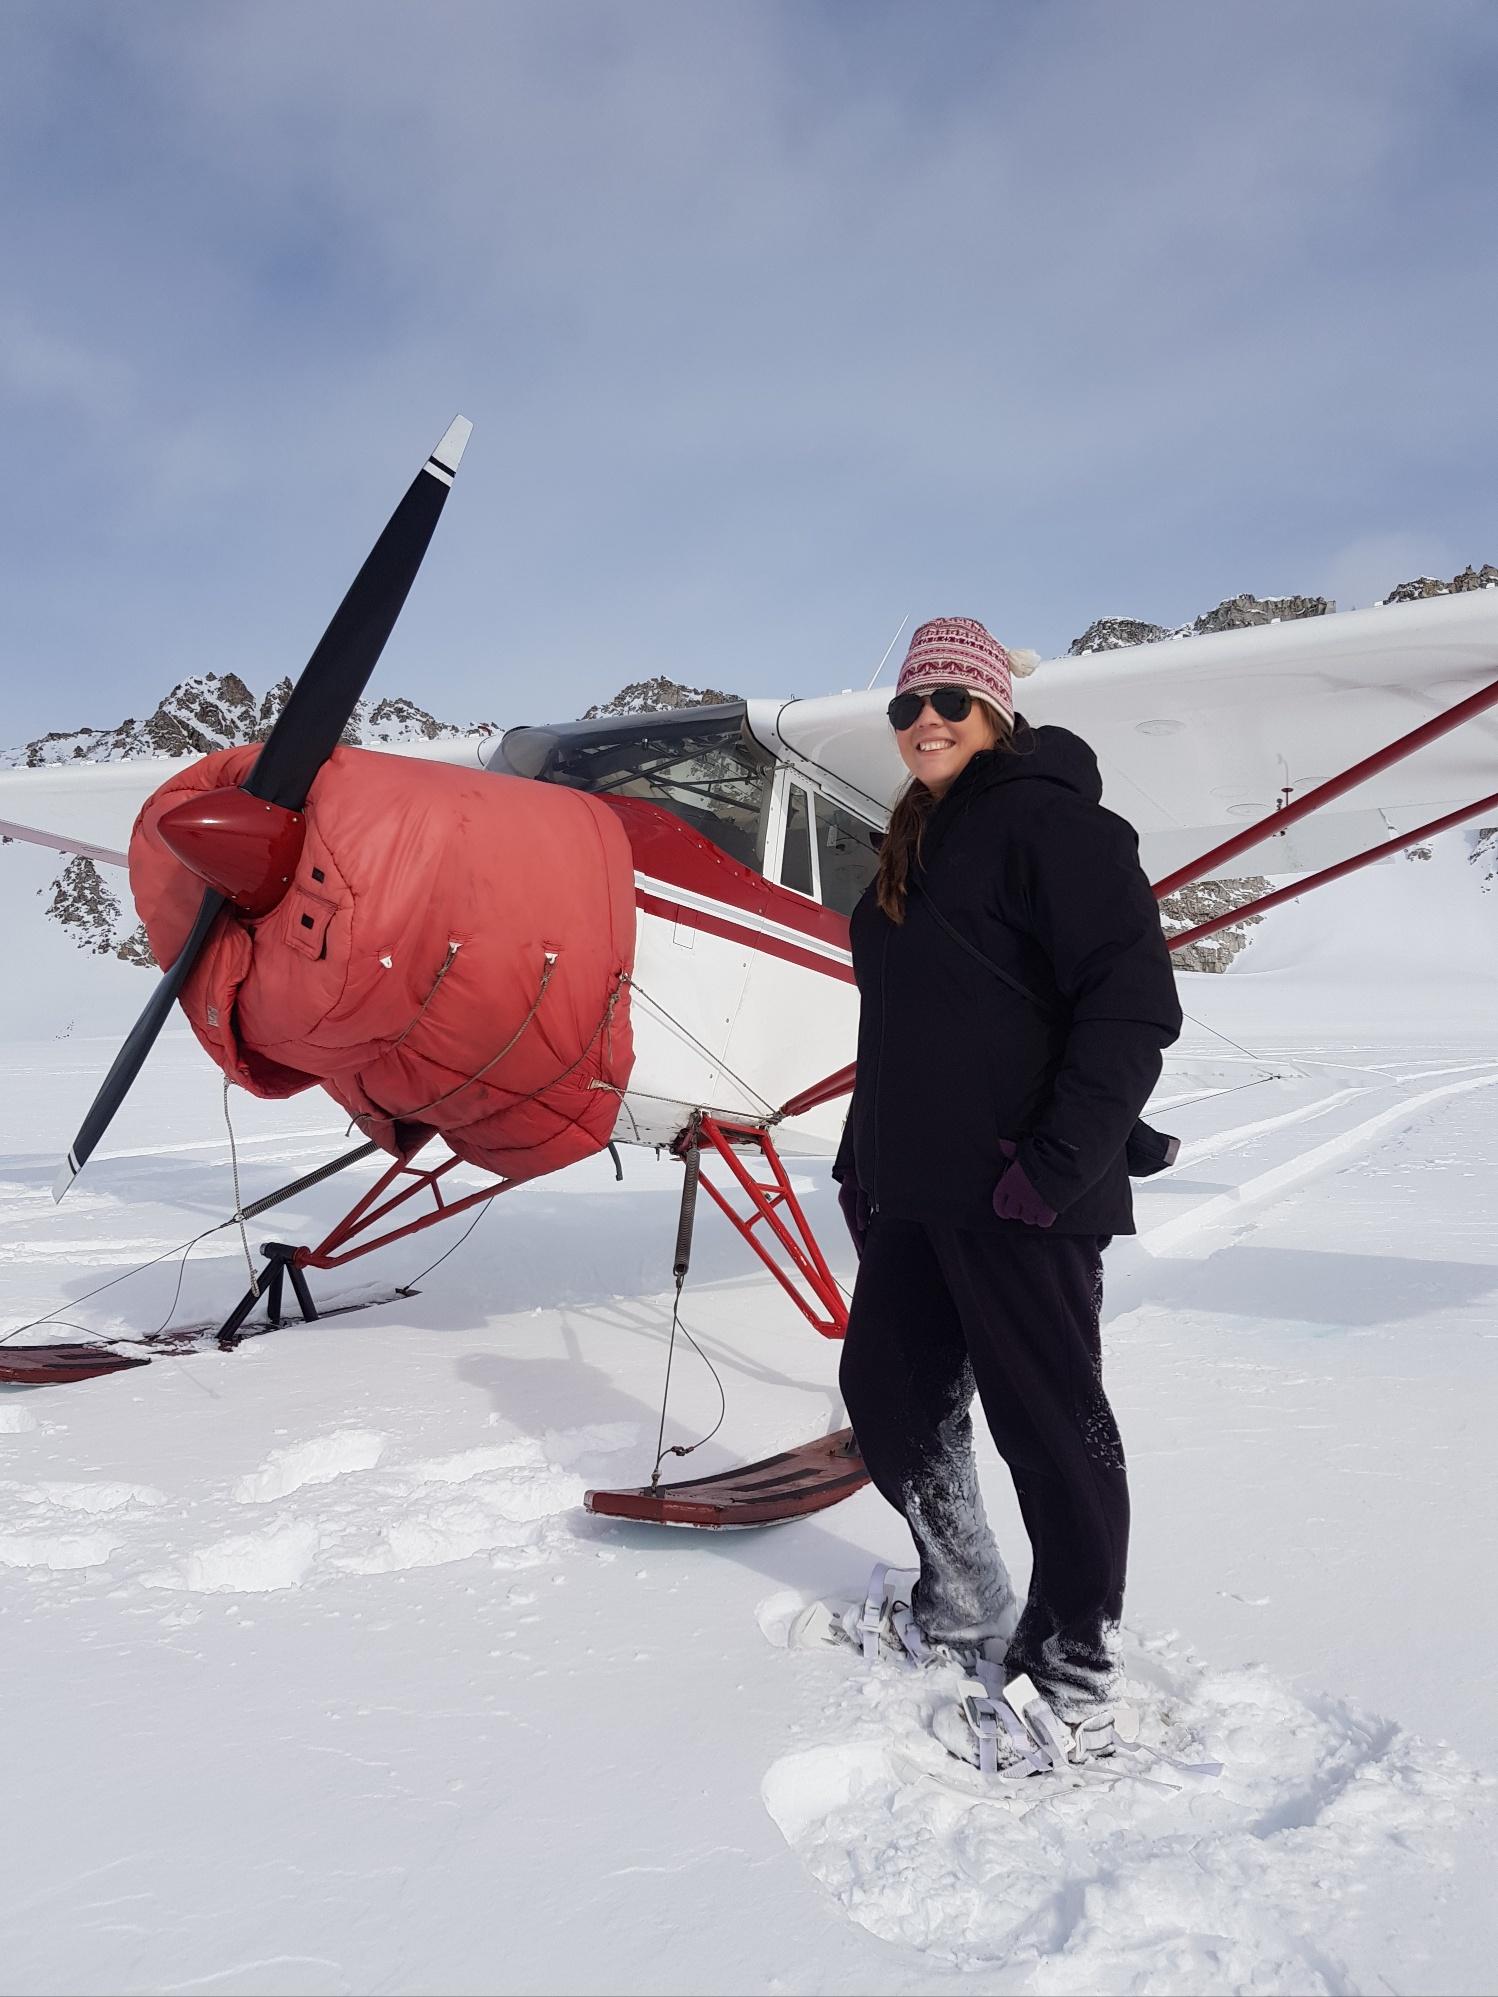 Michelle O'Hare (Australia)